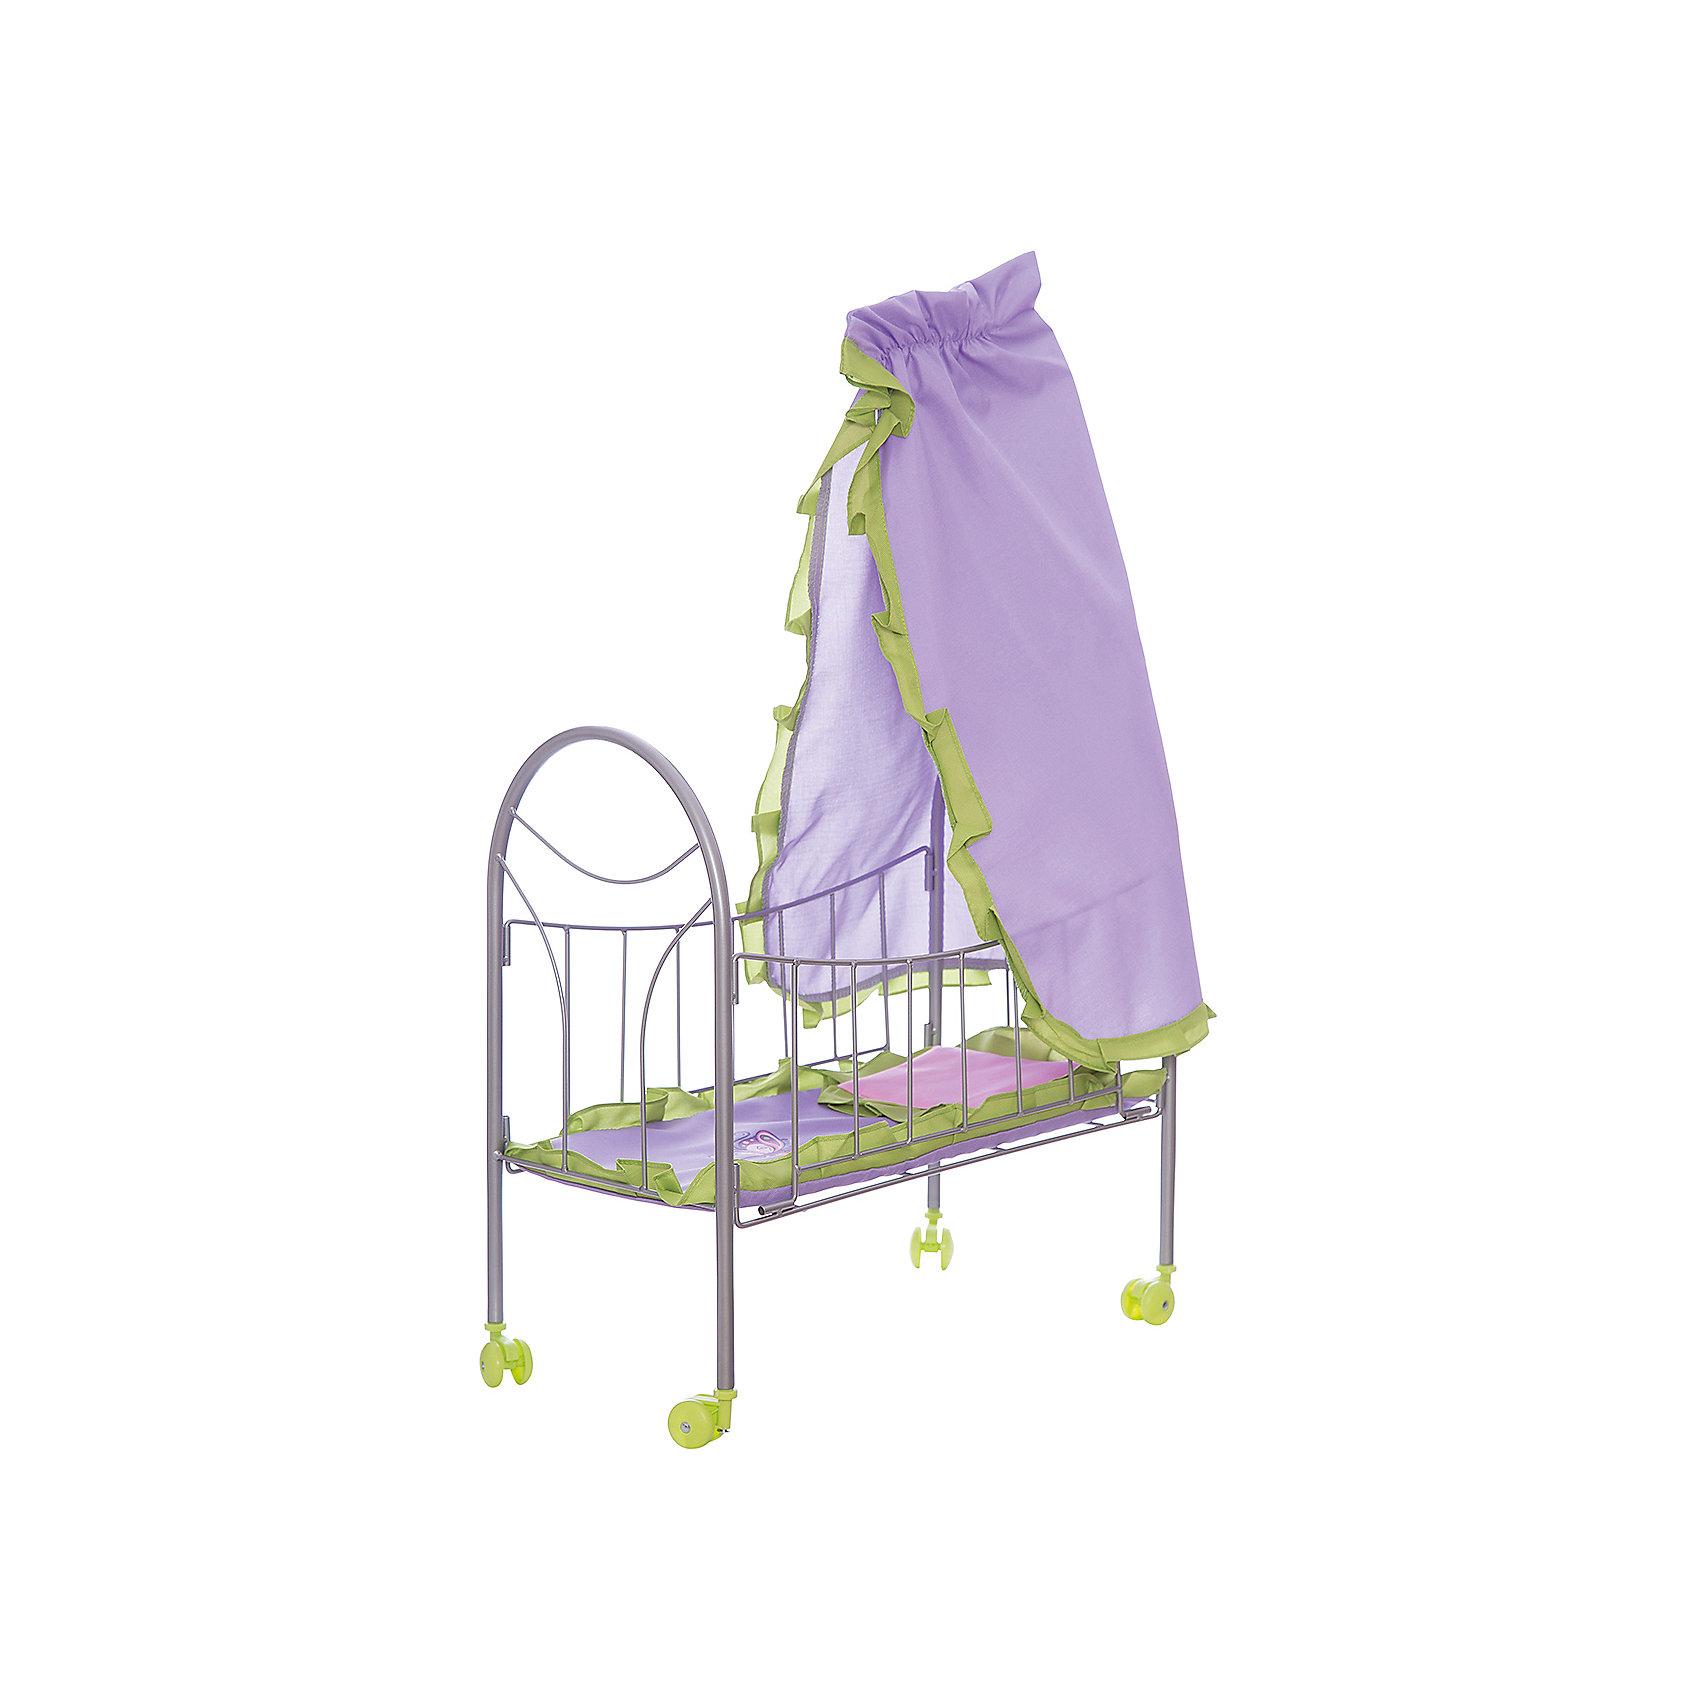 Кроватка для куклы с балдахином Бабочки, 47*27*76 см, Mary PoppinsДомики и мебель<br>Кроватка для куклы с балдахином Бабочки, 47*27*76 см, Mary Poppins.<br><br>Характеристики:<br><br>• Комплектация: кроватка, балдахин, комплект постельного белья<br>• Размер: 47х27х76 см.<br>• Материал: металл, текстиль, пластик<br><br>Отличительными особенностями кроватки для кукол Бабочки являются легкость конструкции и мобильность. Она оснащена колесиками, поэтому ее удобно перемещать по комнате. В наборе с кроватью есть комплект постельного белья и балдахин, украшенный рюшами. Кроватка отлично подойдет для сюжетно-ролевых игр в «дочки-матери». Игры с куклами благоприятно влияют на социализацию и полноценное формирование психики ребенка, учат эмоциональной отзывчивости.<br><br>Кроватку для куклы с балдахином Бабочки, 47*27*76 см, Mary Poppins можно купить в нашем интернет-магазине.<br><br>Ширина мм: 460<br>Глубина мм: 65<br>Высота мм: 280<br>Вес г: 1517<br>Возраст от месяцев: 24<br>Возраст до месяцев: 2147483647<br>Пол: Женский<br>Возраст: Детский<br>SKU: 5402749